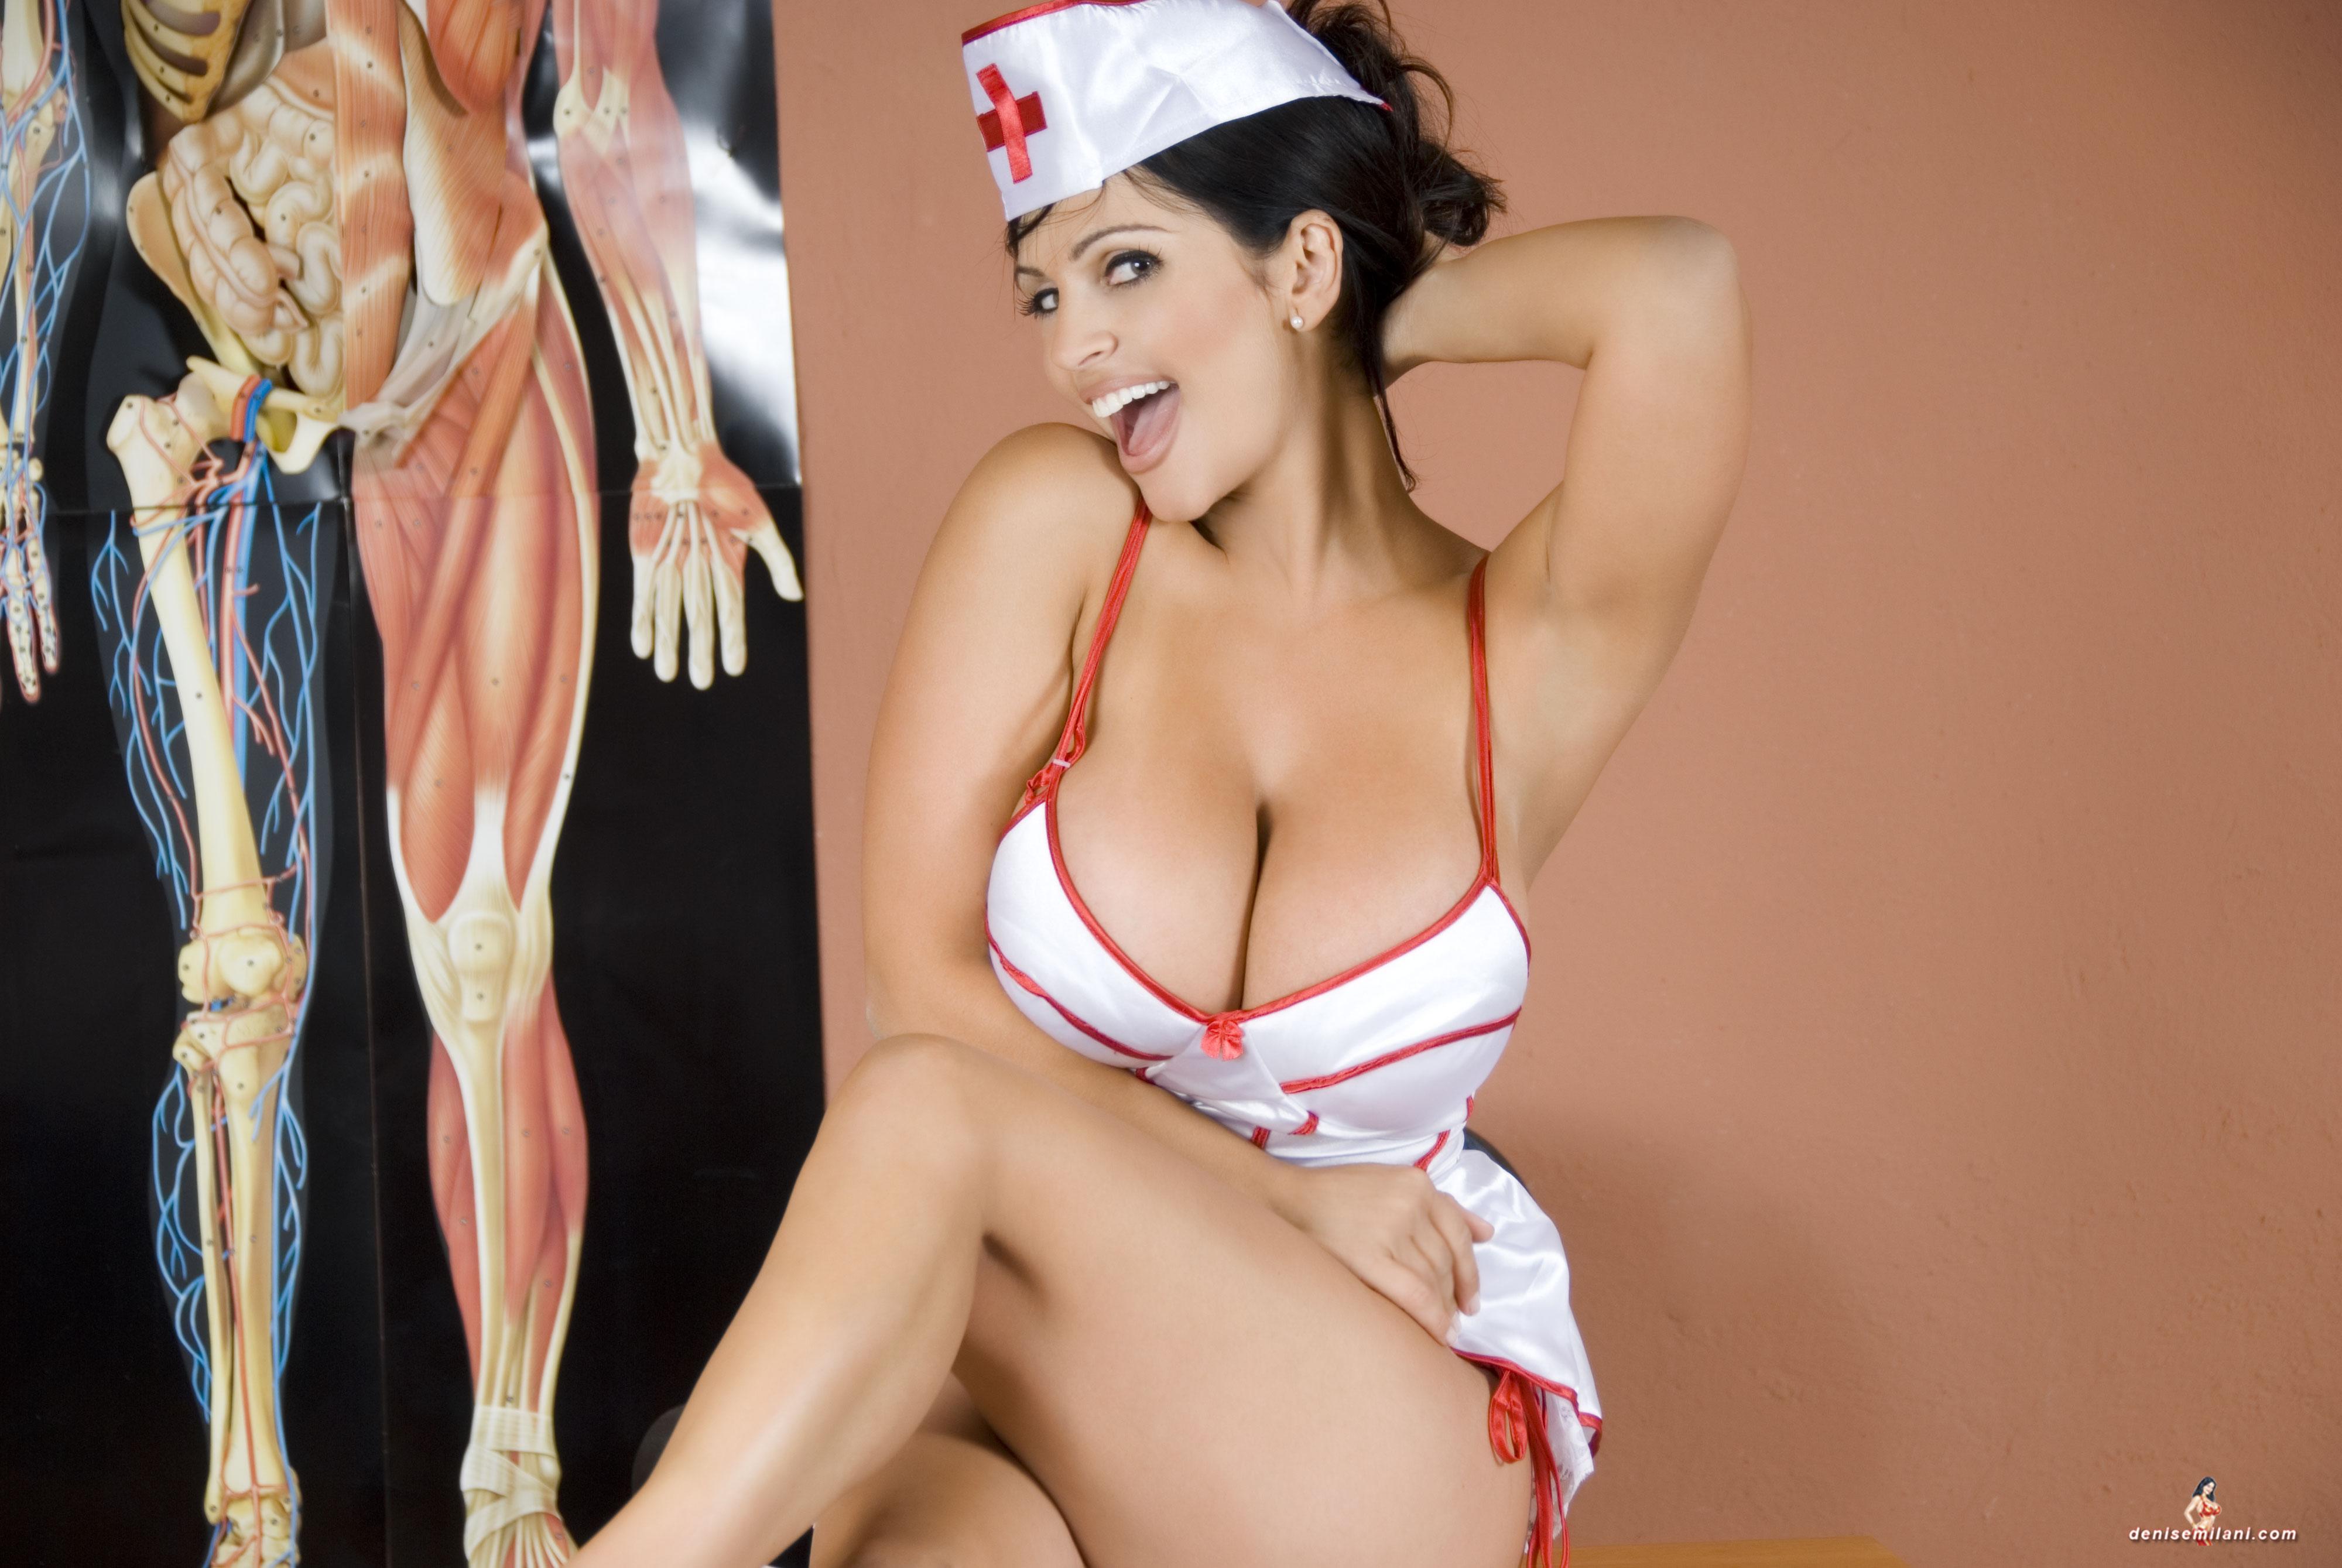 Hot sexy nurses big tits, nude bi sexual pics